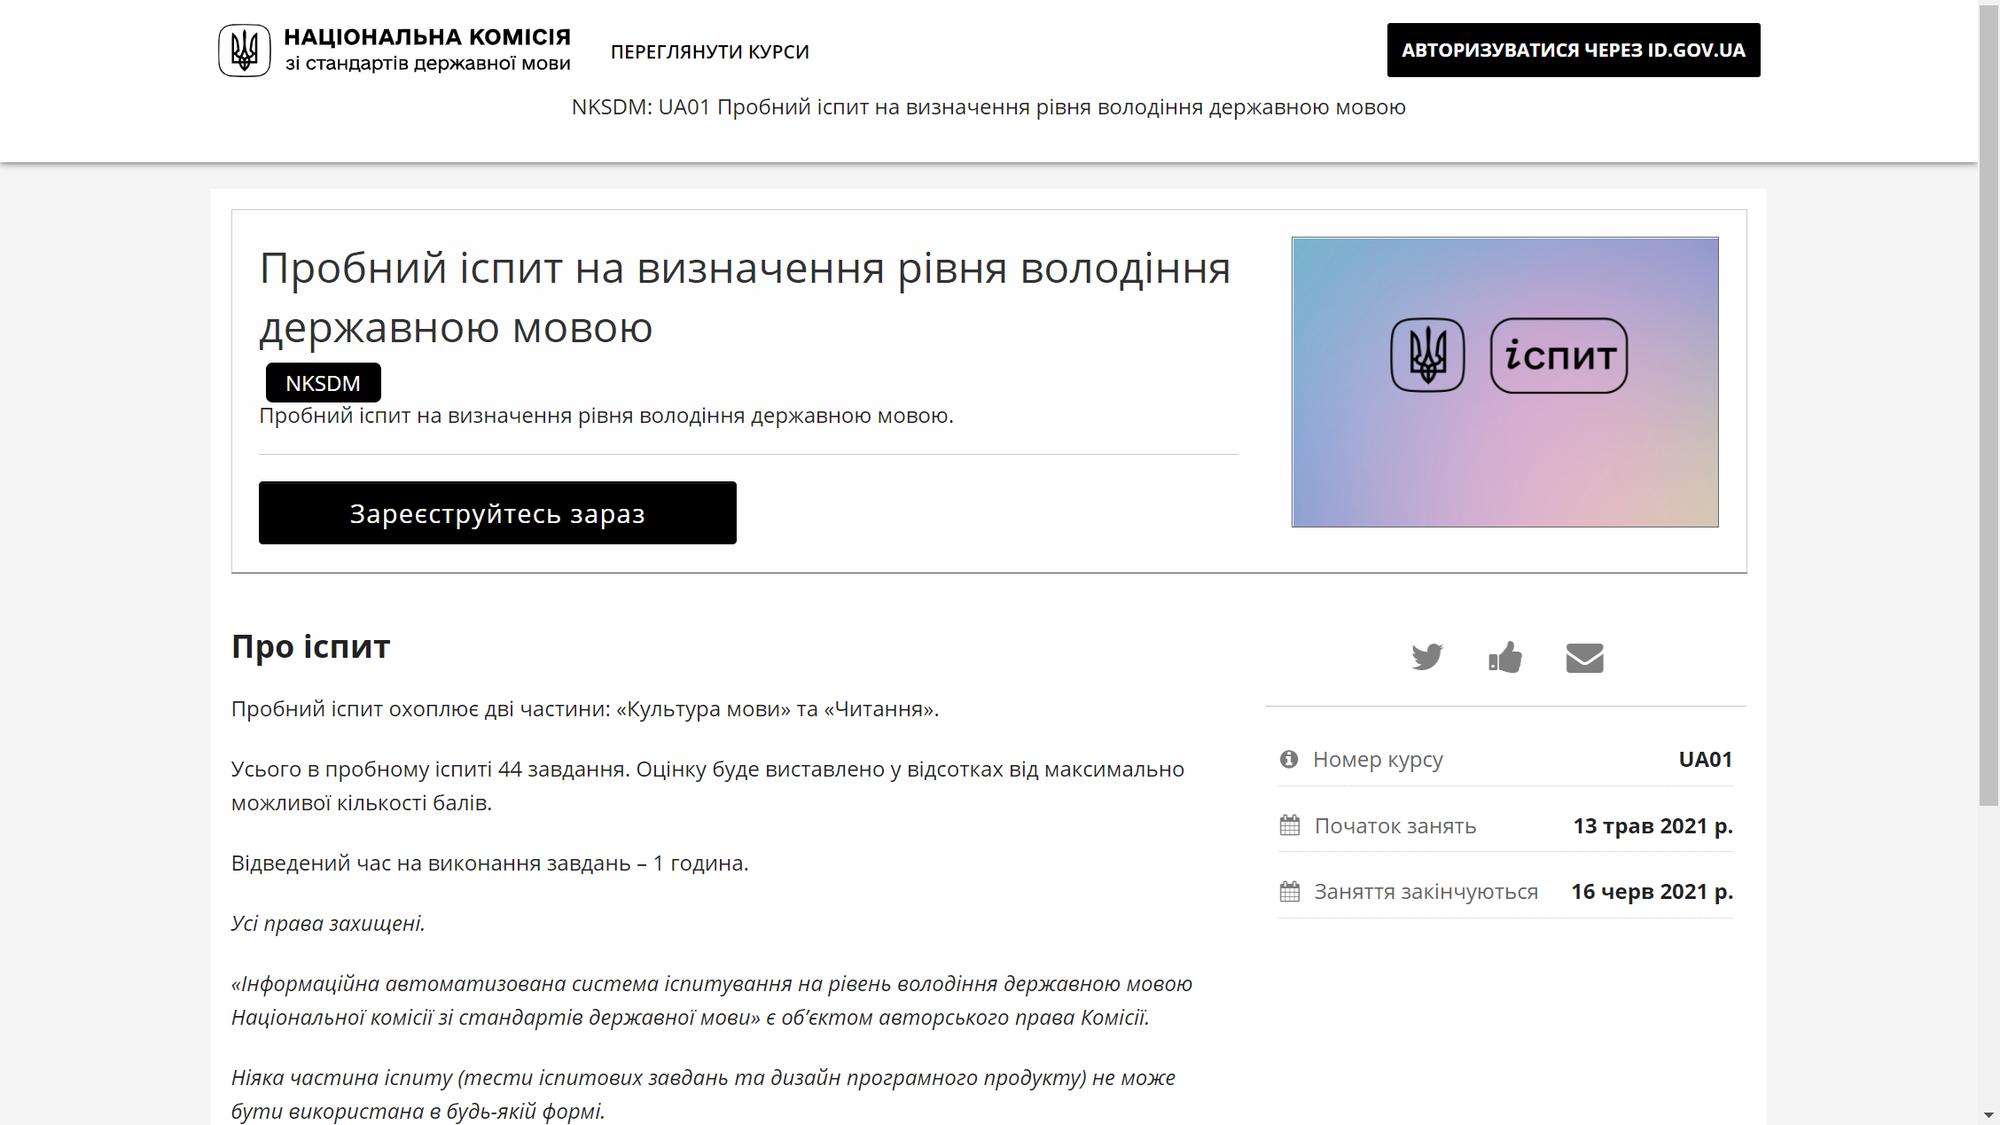 Как зарегистрироваться для прохождения экзамена на определение уровня владения украинским языком